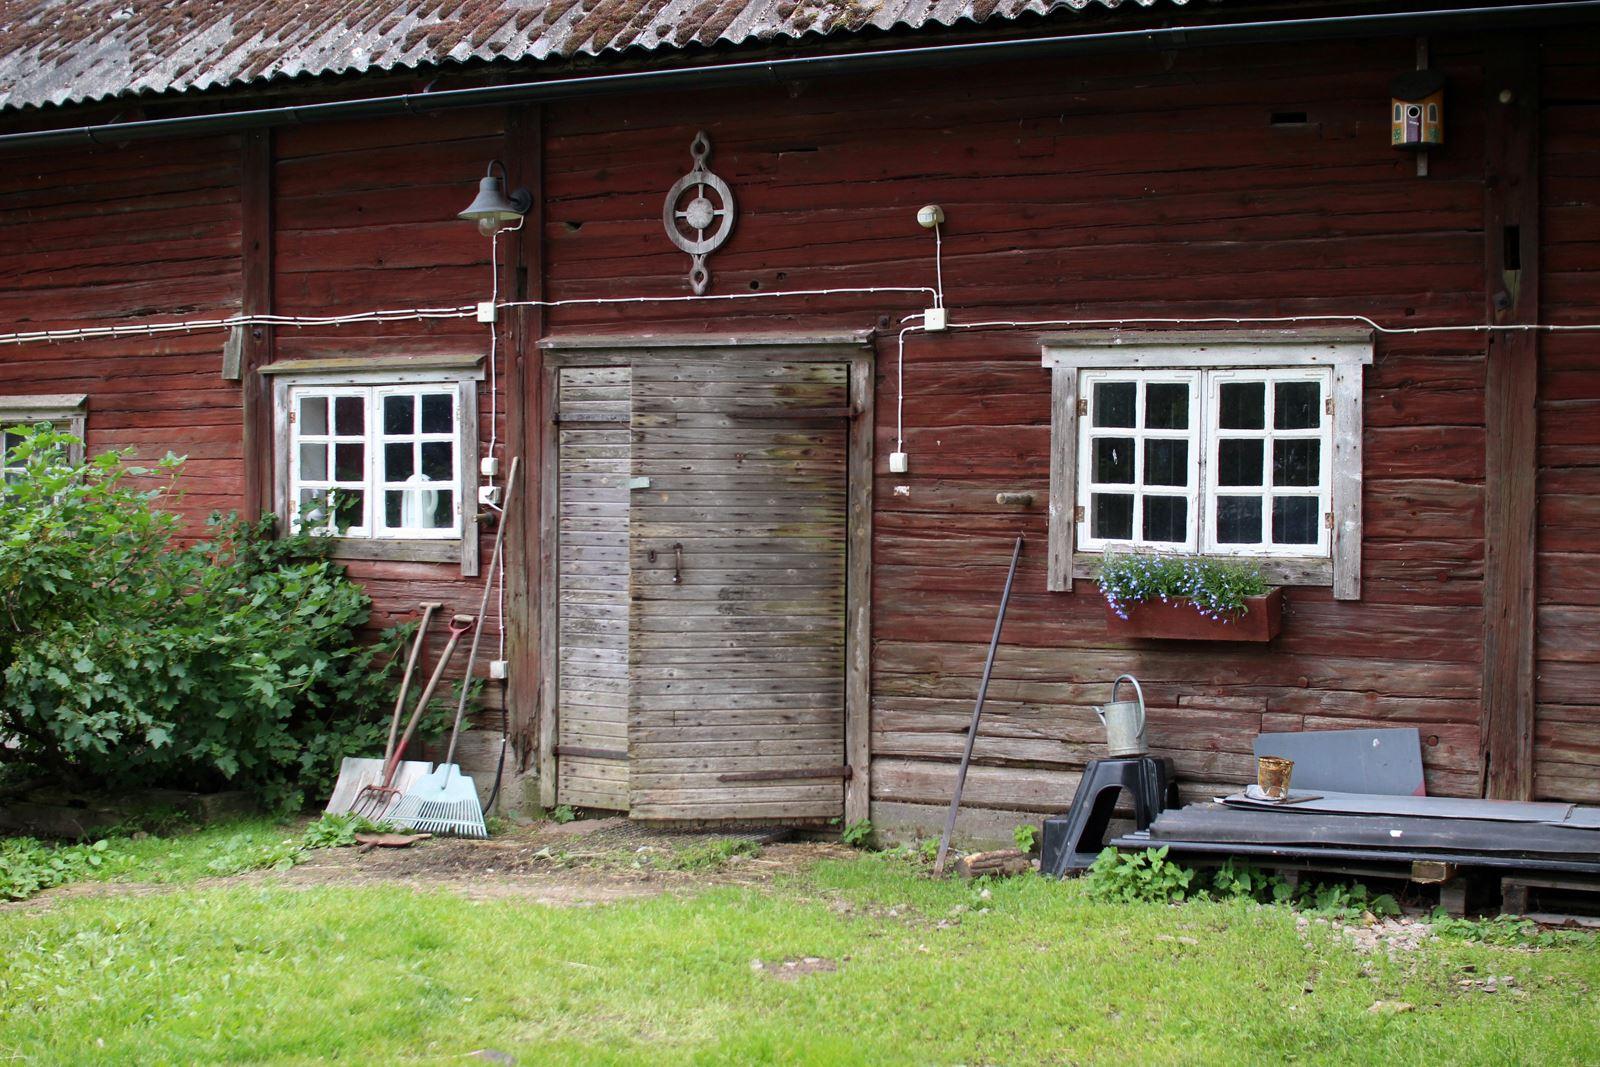 © Loaklev Lustgård, Loaklev Lustgård